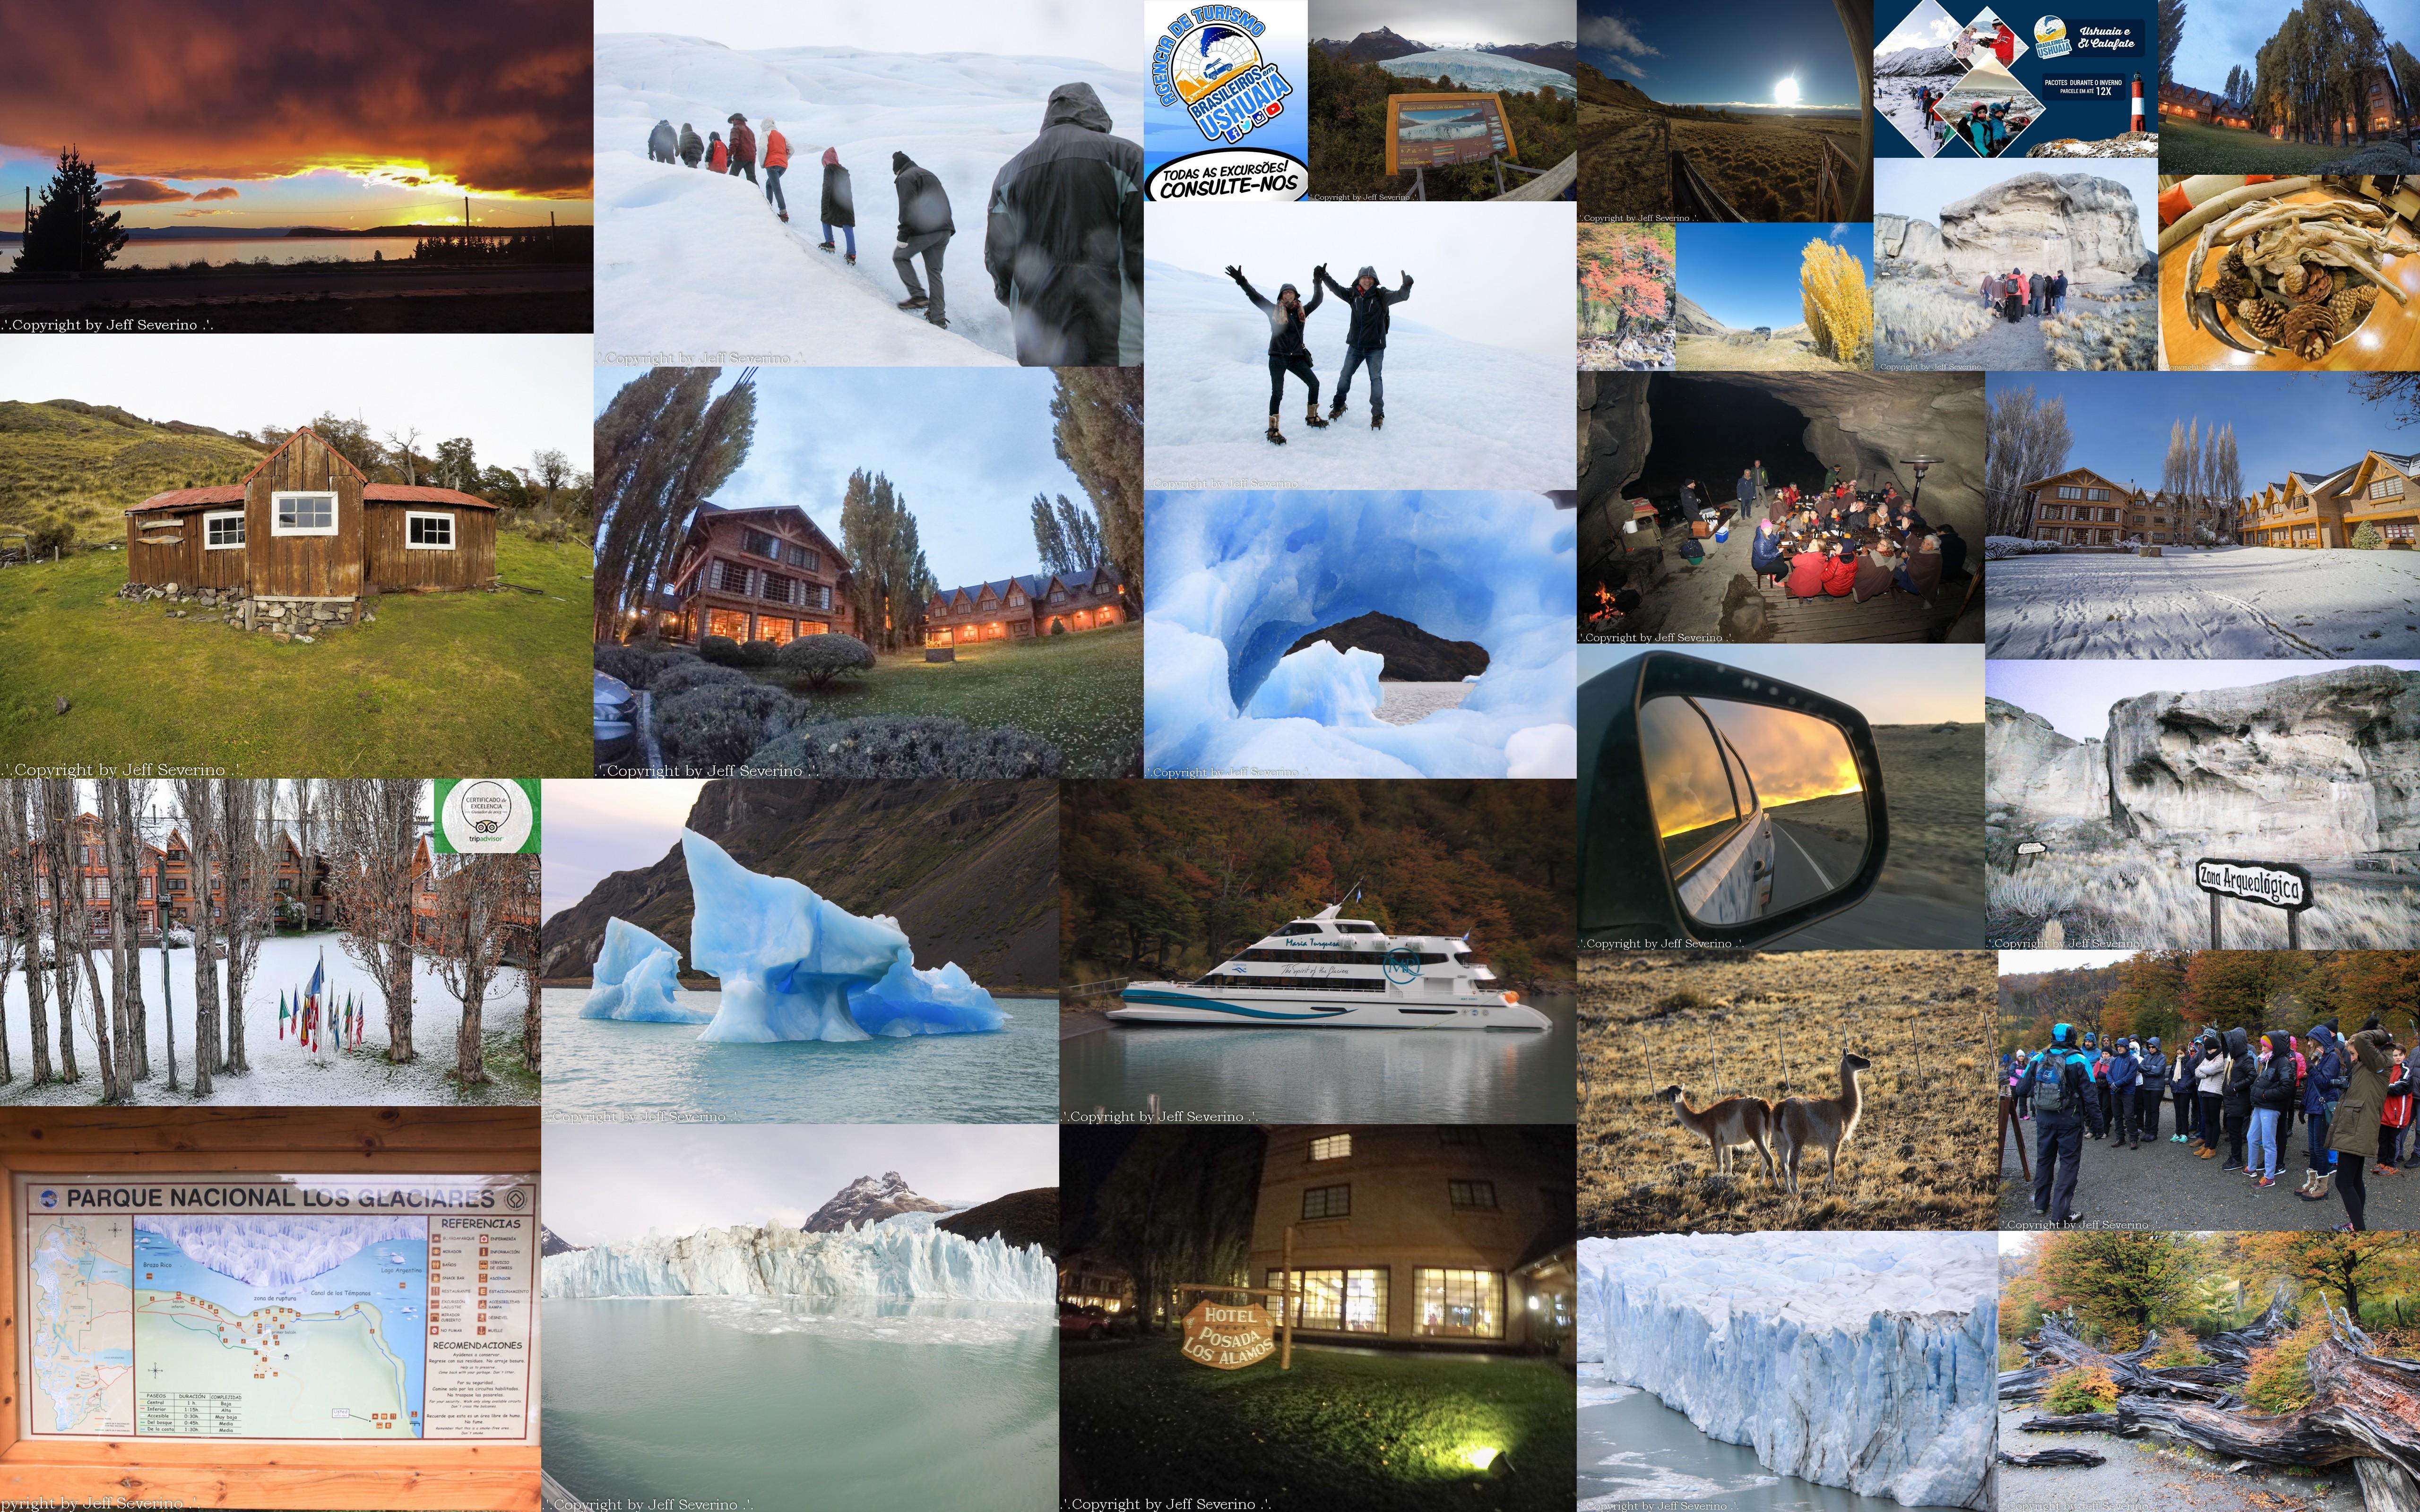 A agência, especializada em roteiros da Patagônia Argentina, está organizando uma viagem em grupo com guia pela região